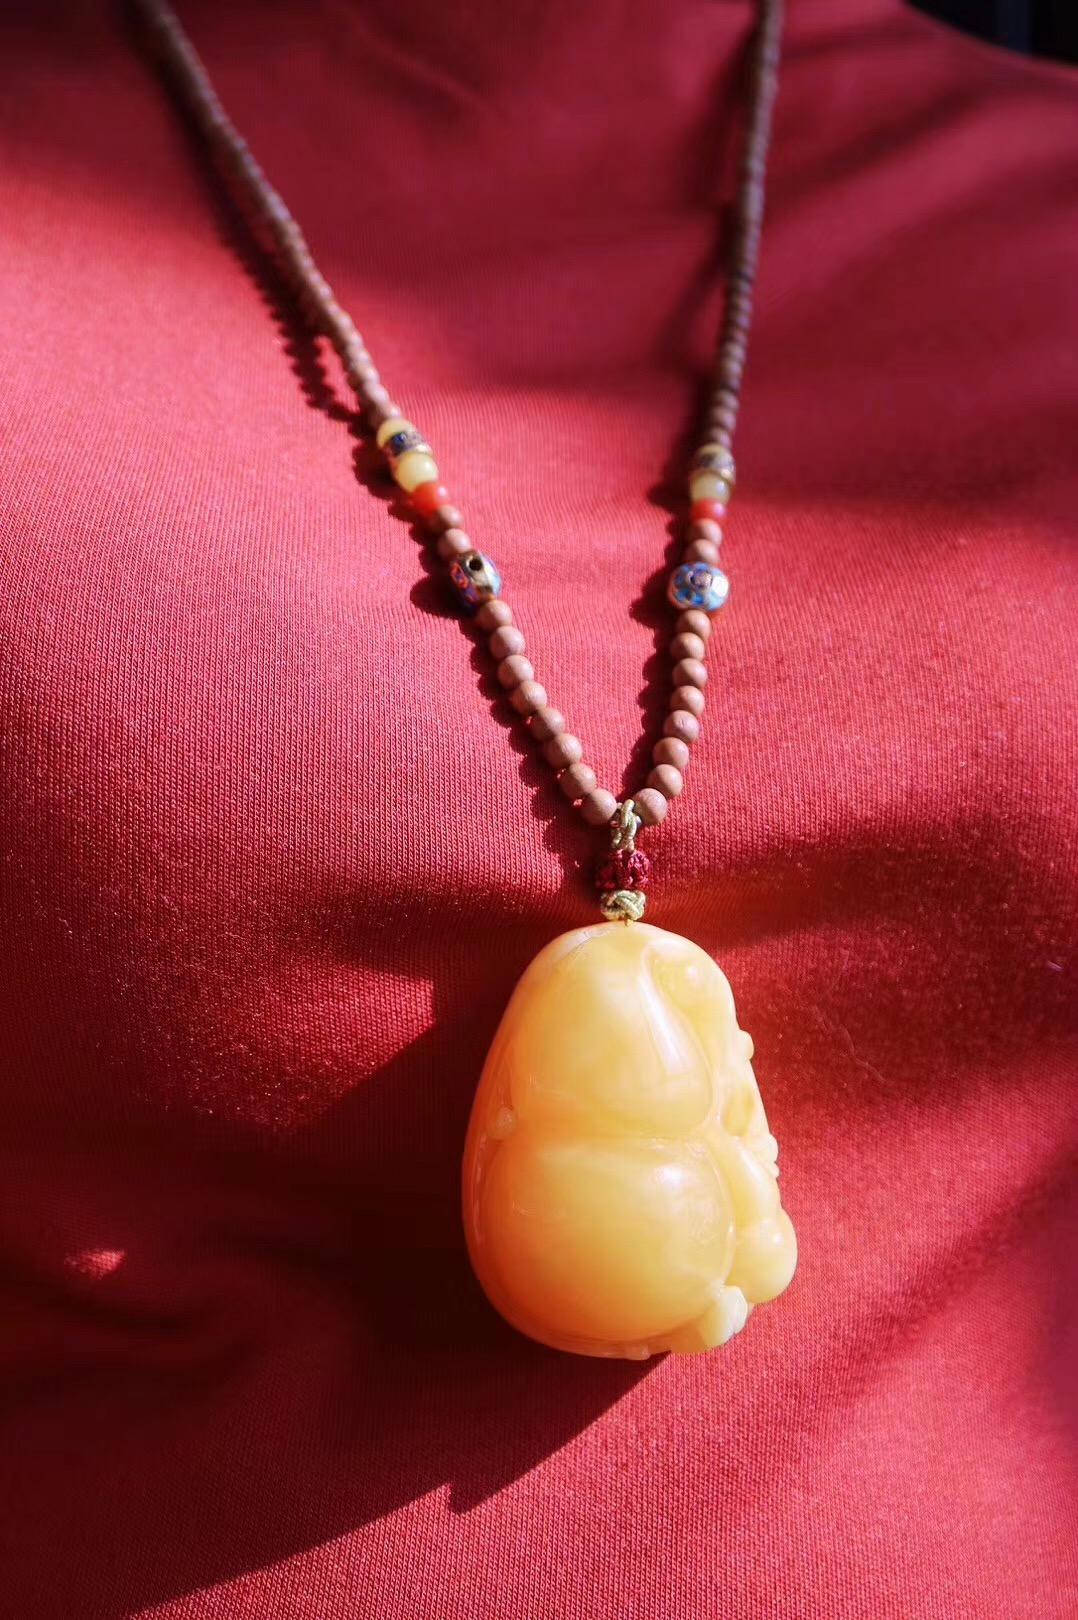 【菩心-蜜蜡葫芦】偶得一块大料蜜蜡原石,雕一只超饱满的葫芦奉上-菩心晶舍